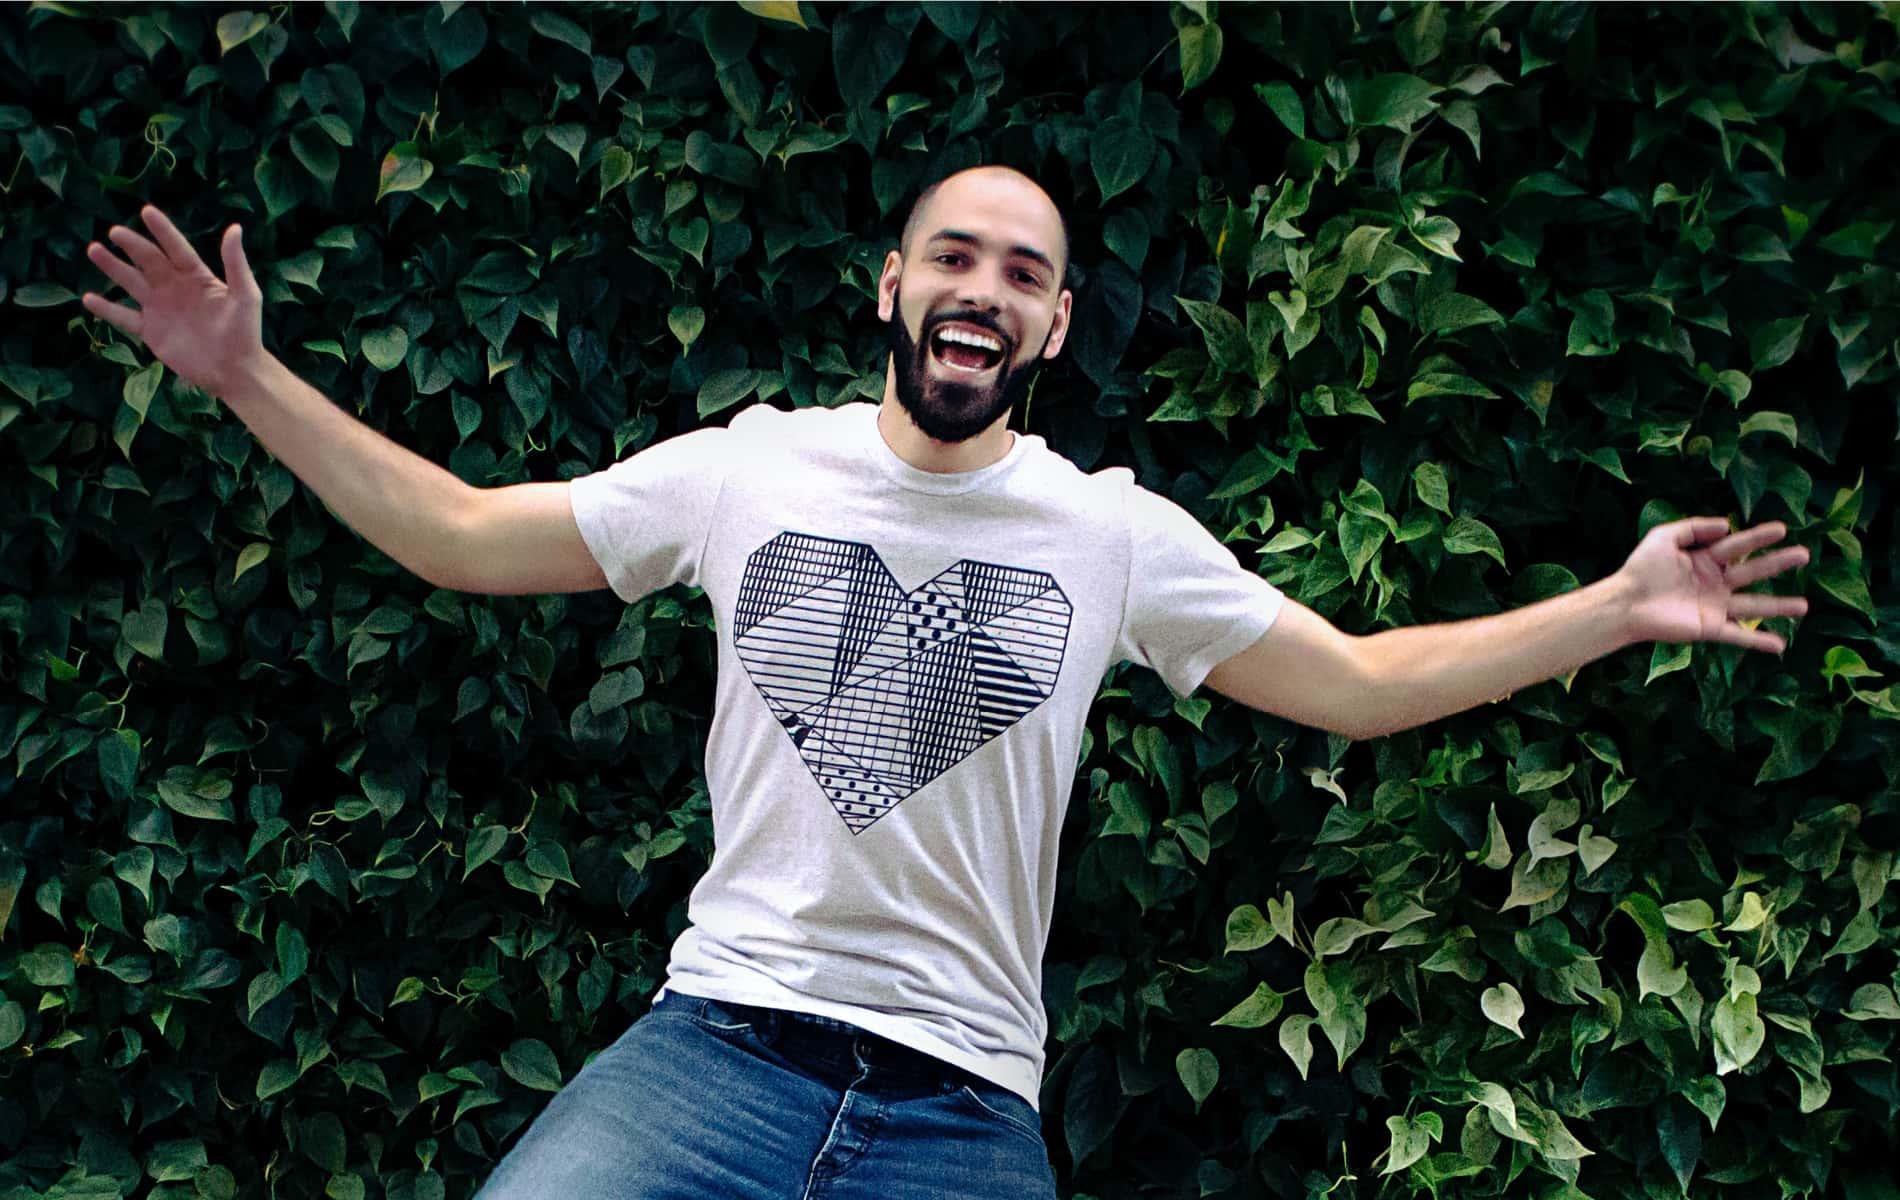 Mann liegt lachend auf grüner Hecke